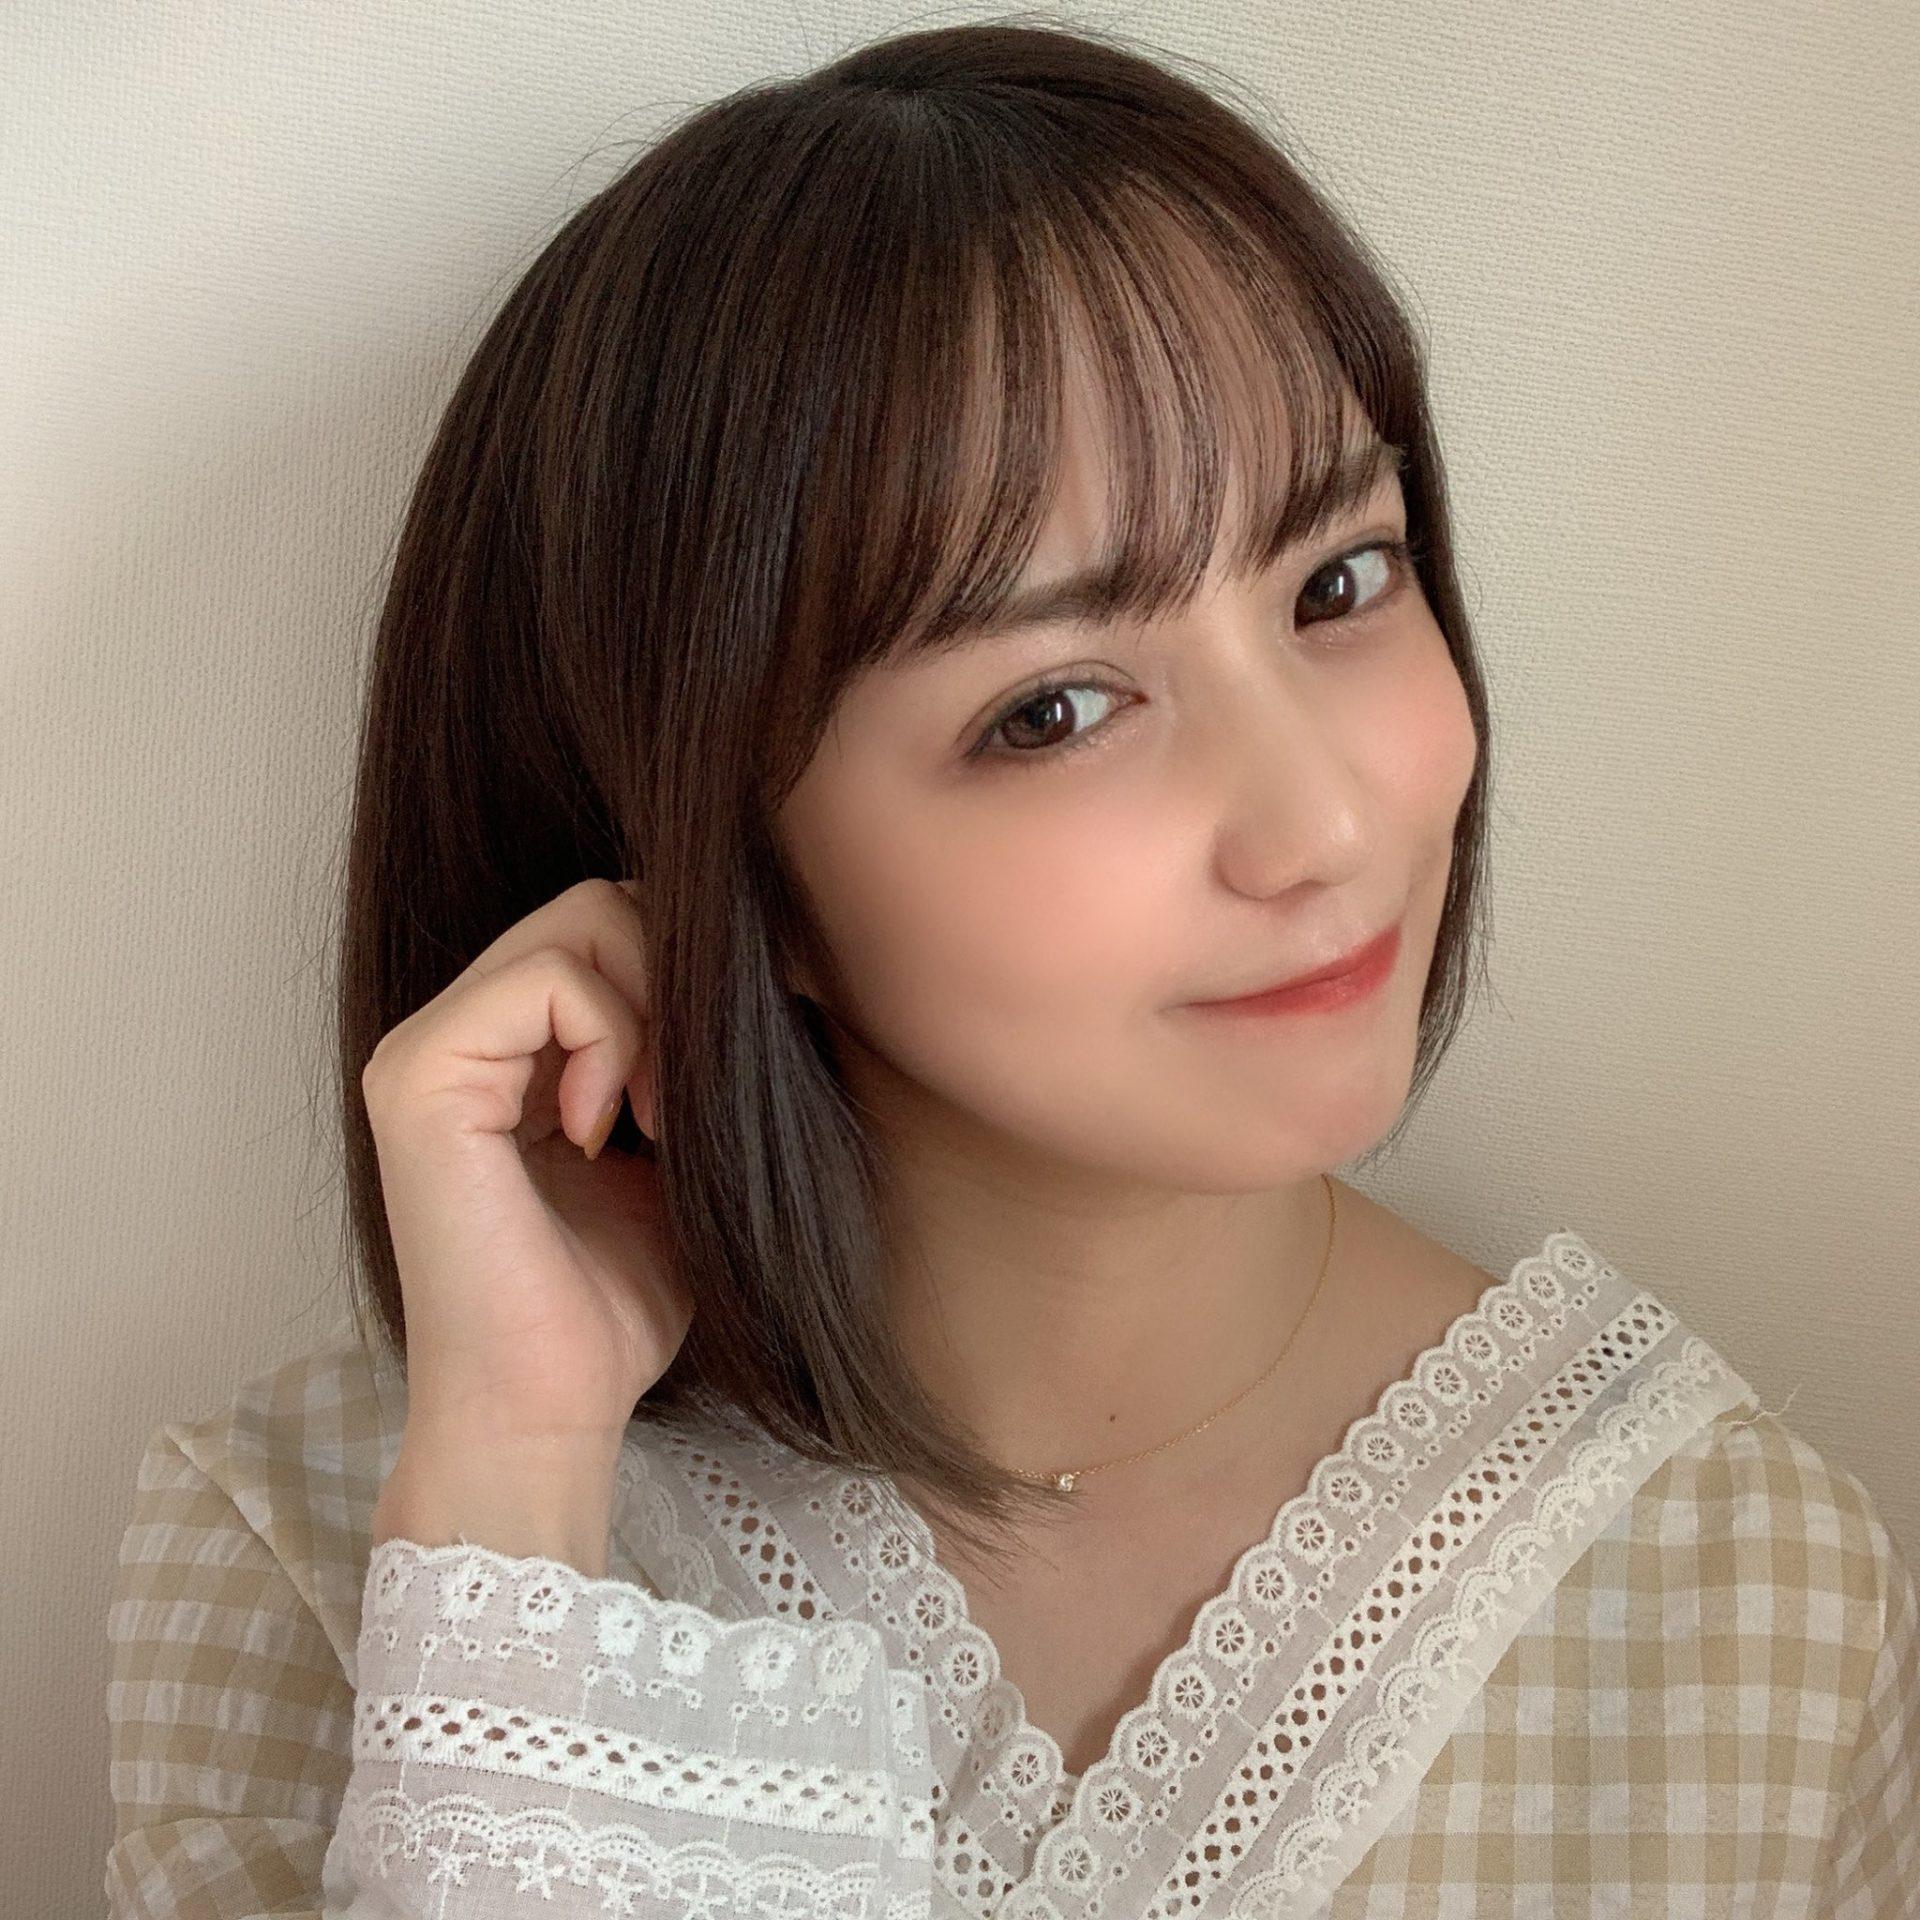 カノ 元 渡辺 翔太